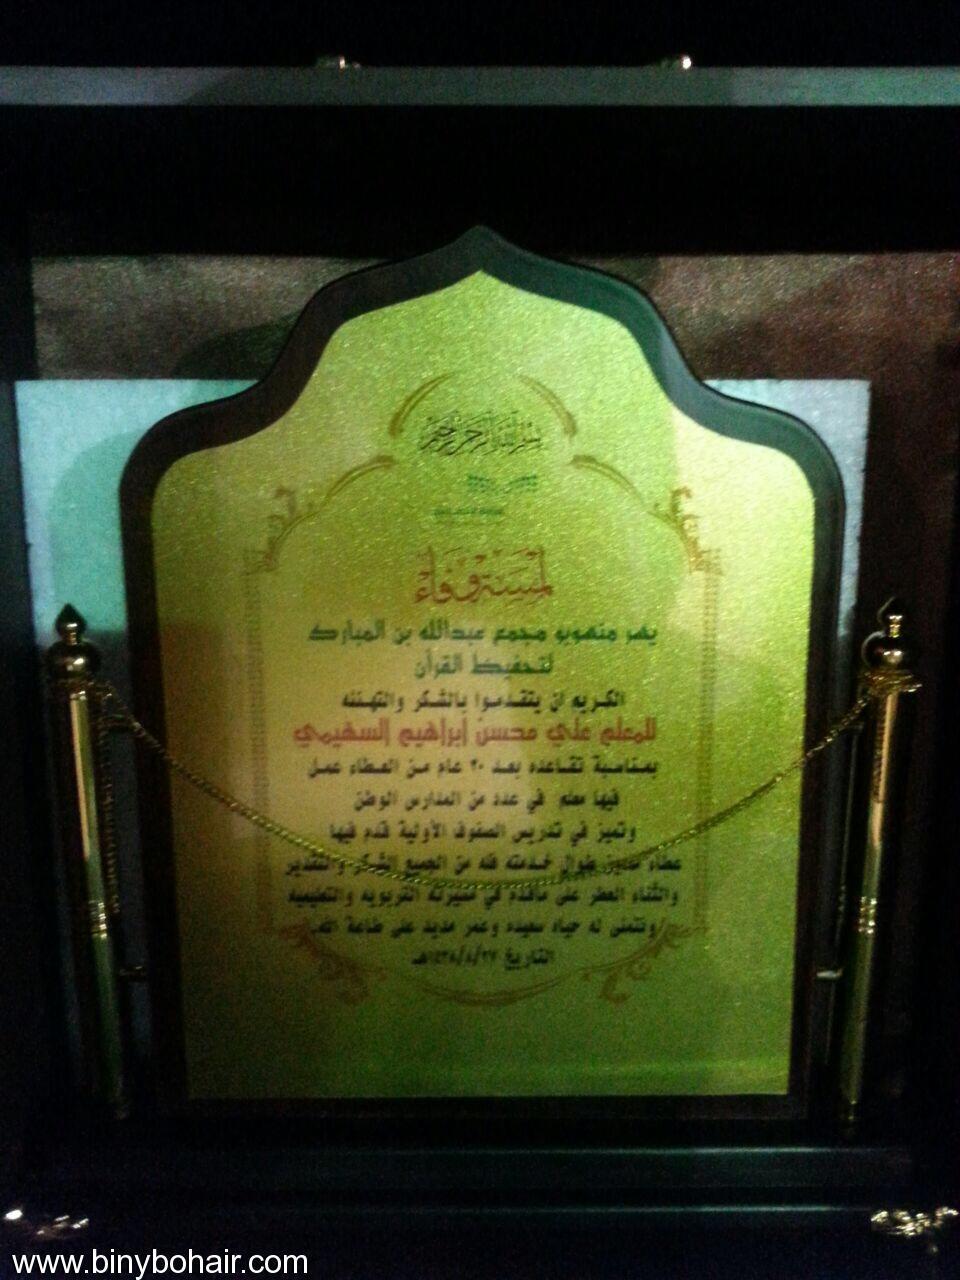 بالصور تحفيظ القرأن الكريم بالمعقص fsc72431.jpg